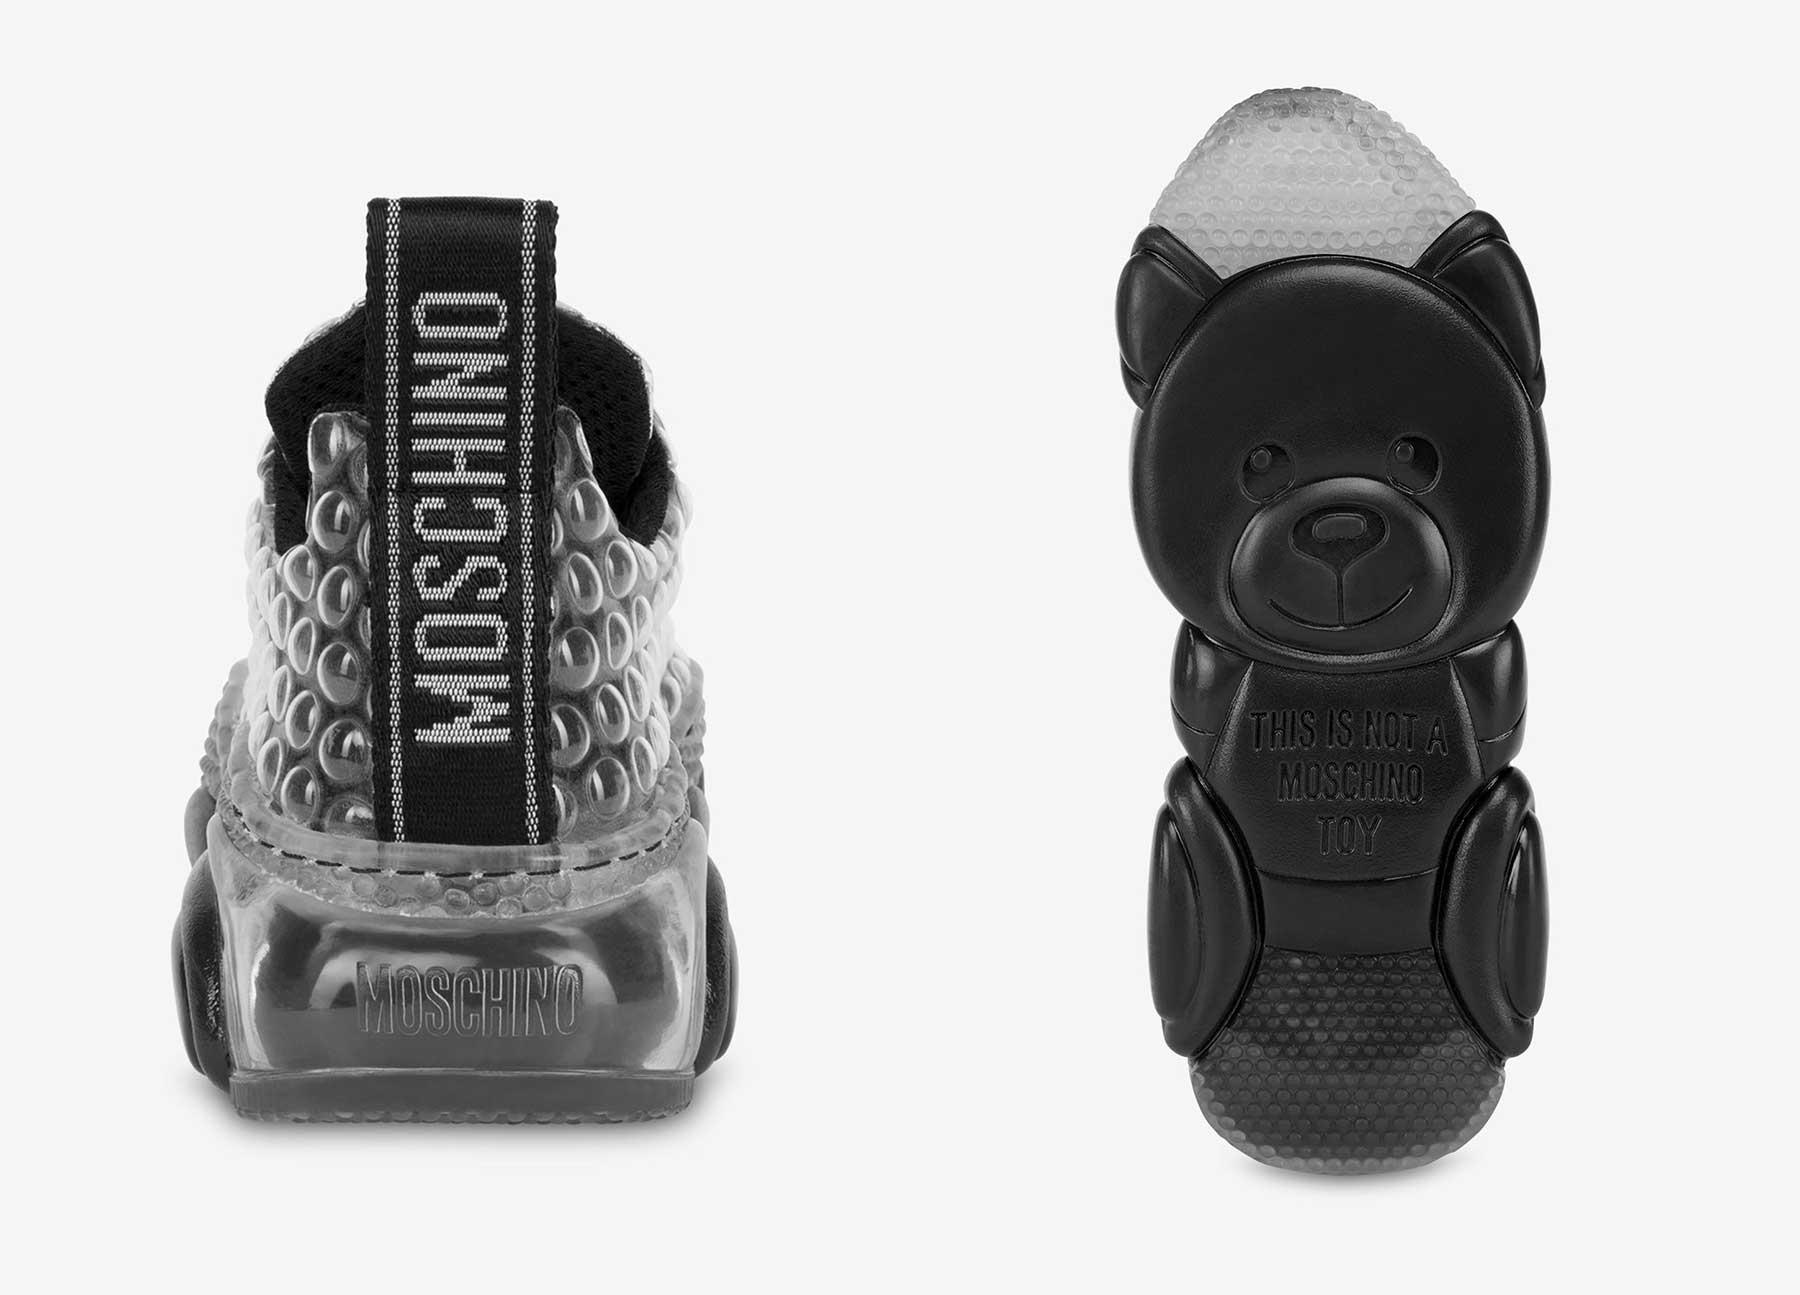 Luftpolsterfolie-Schuhe Luftpolsterfolie-schuhe-bubble-wrap-sneakers_03